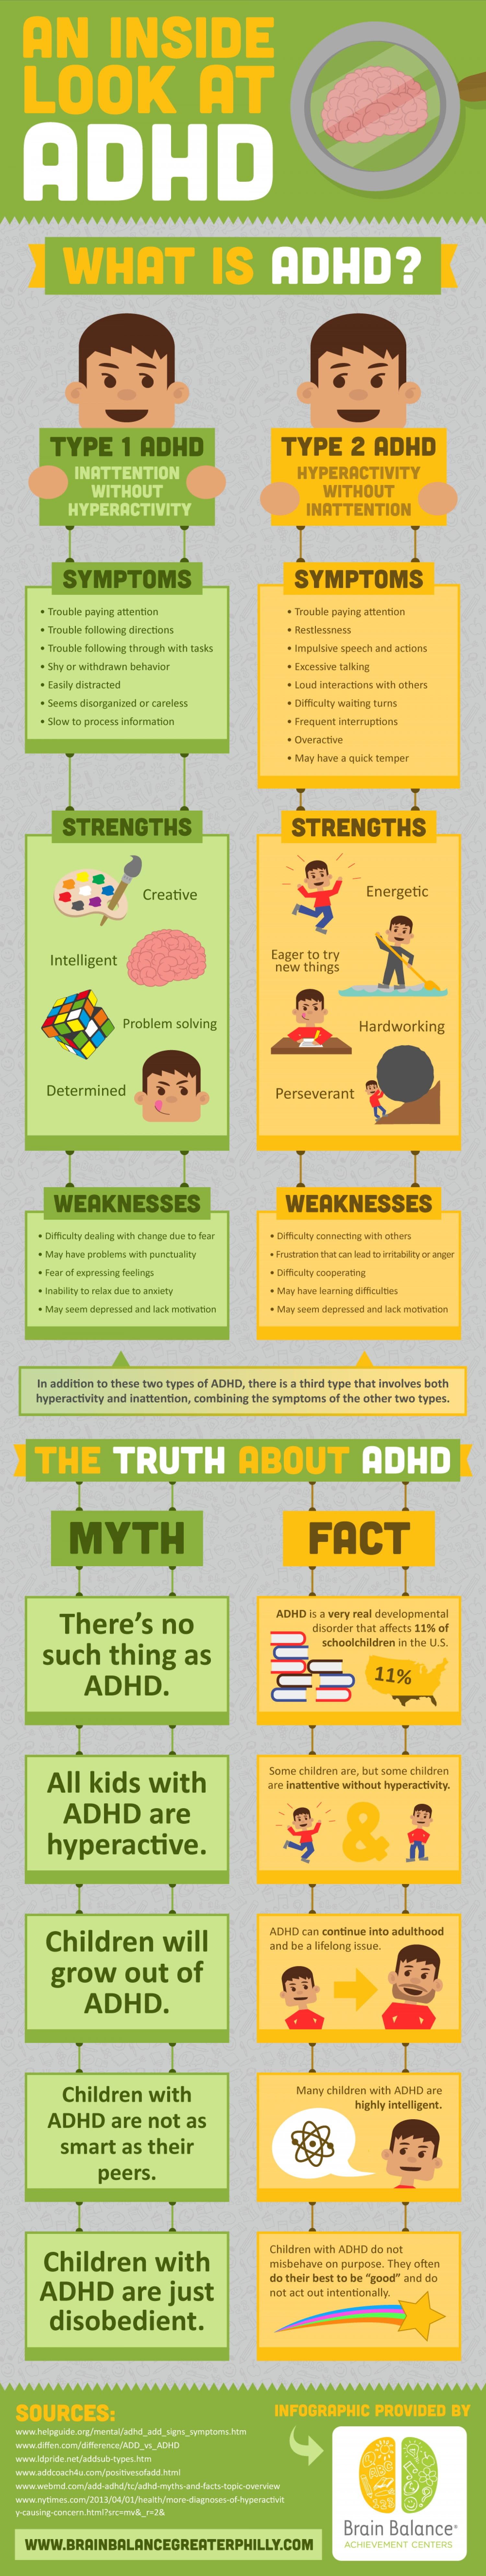 role of serotonin in adhd adults